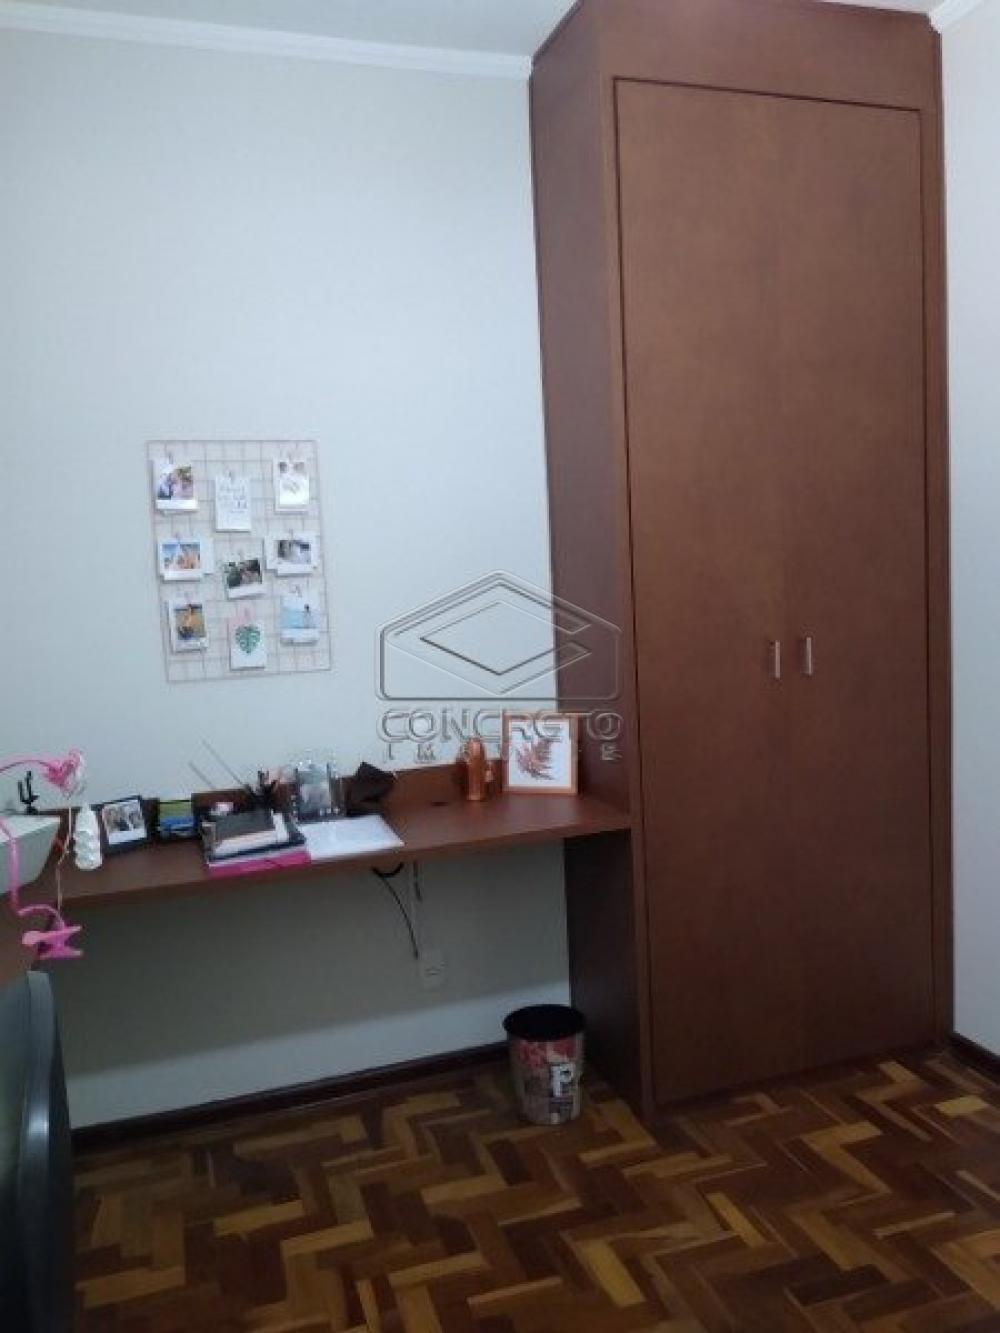 Comprar Casa / Padrão em Jau R$ 750.000,00 - Foto 10